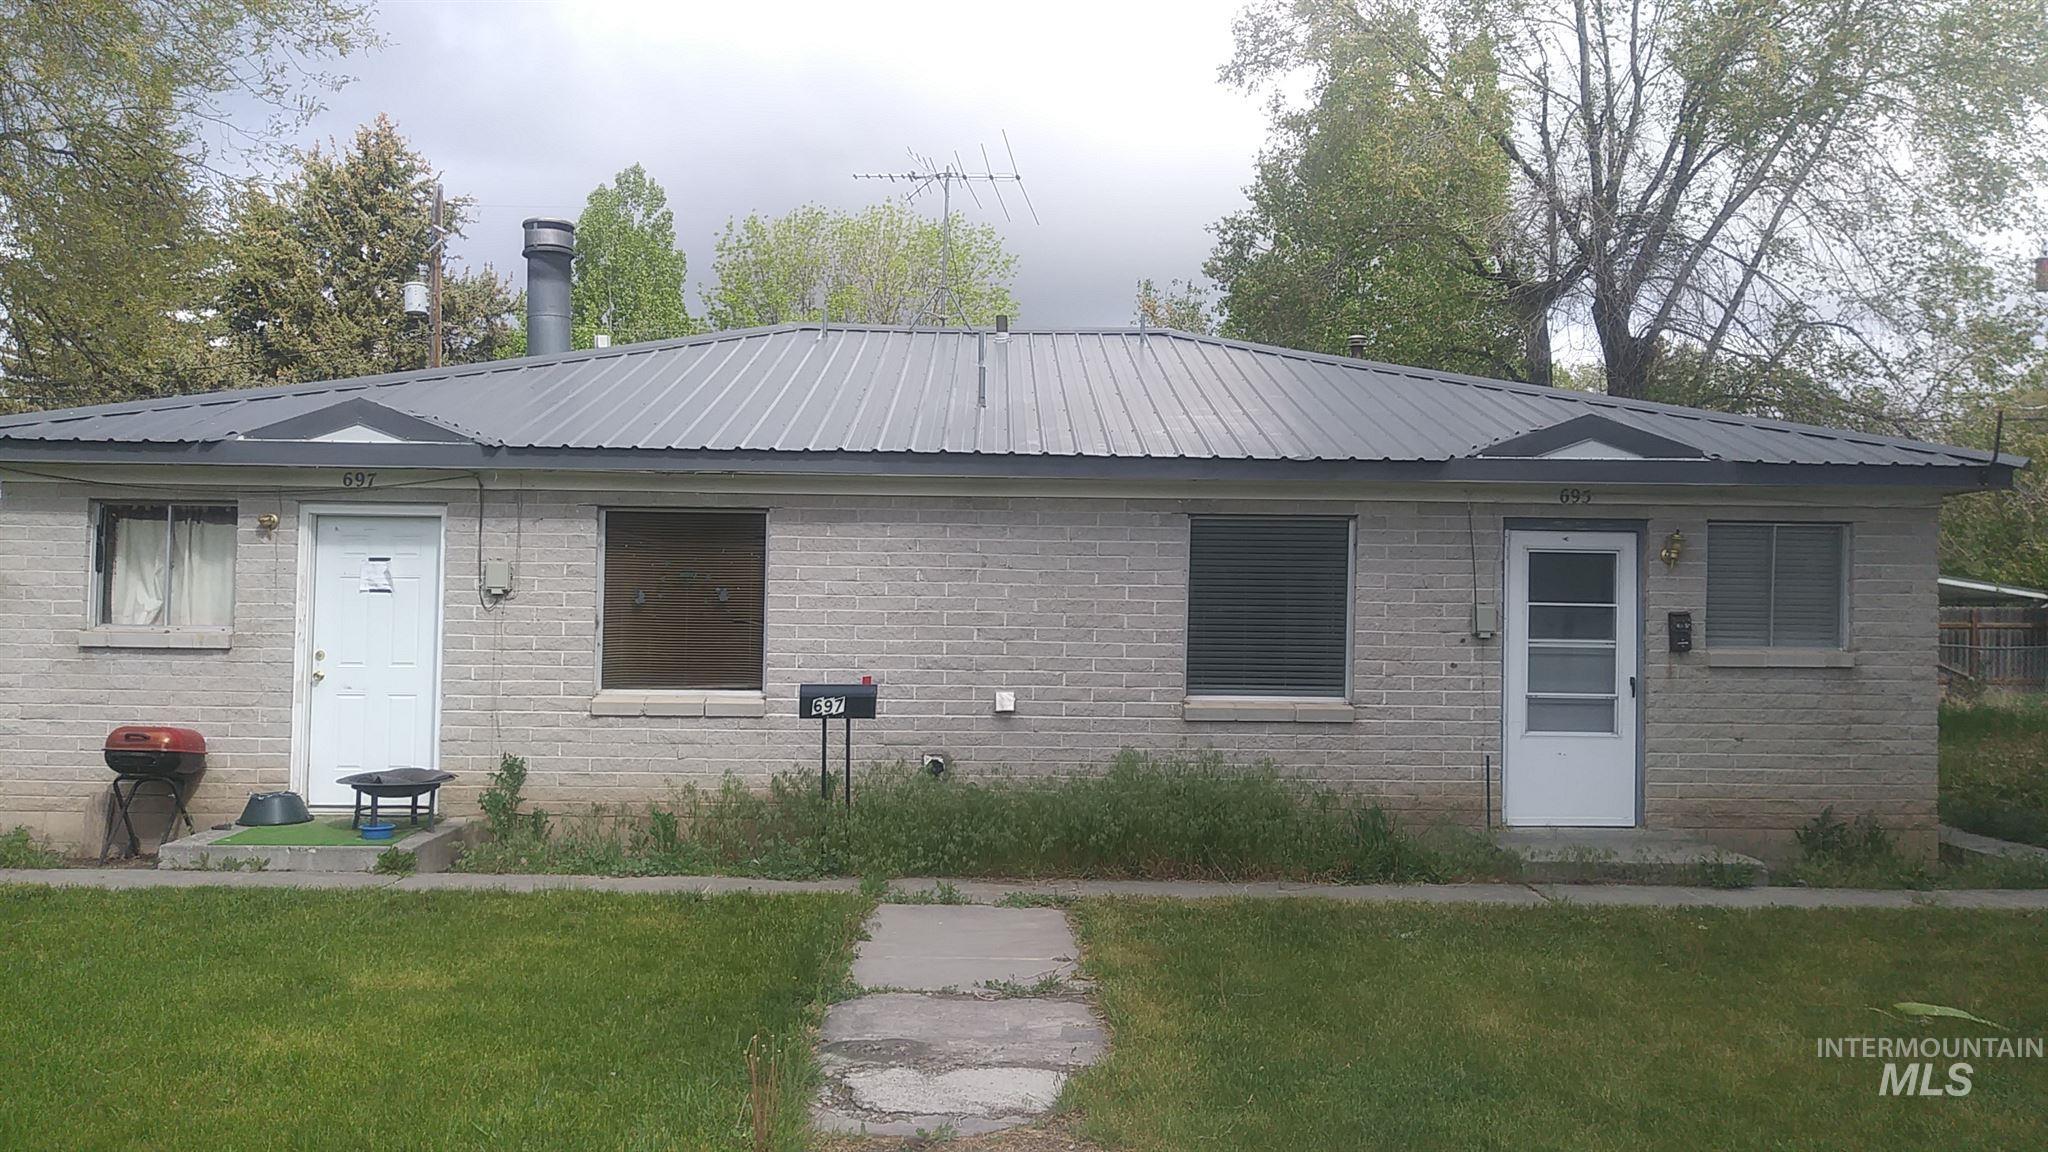 697 S Stout Property Photo